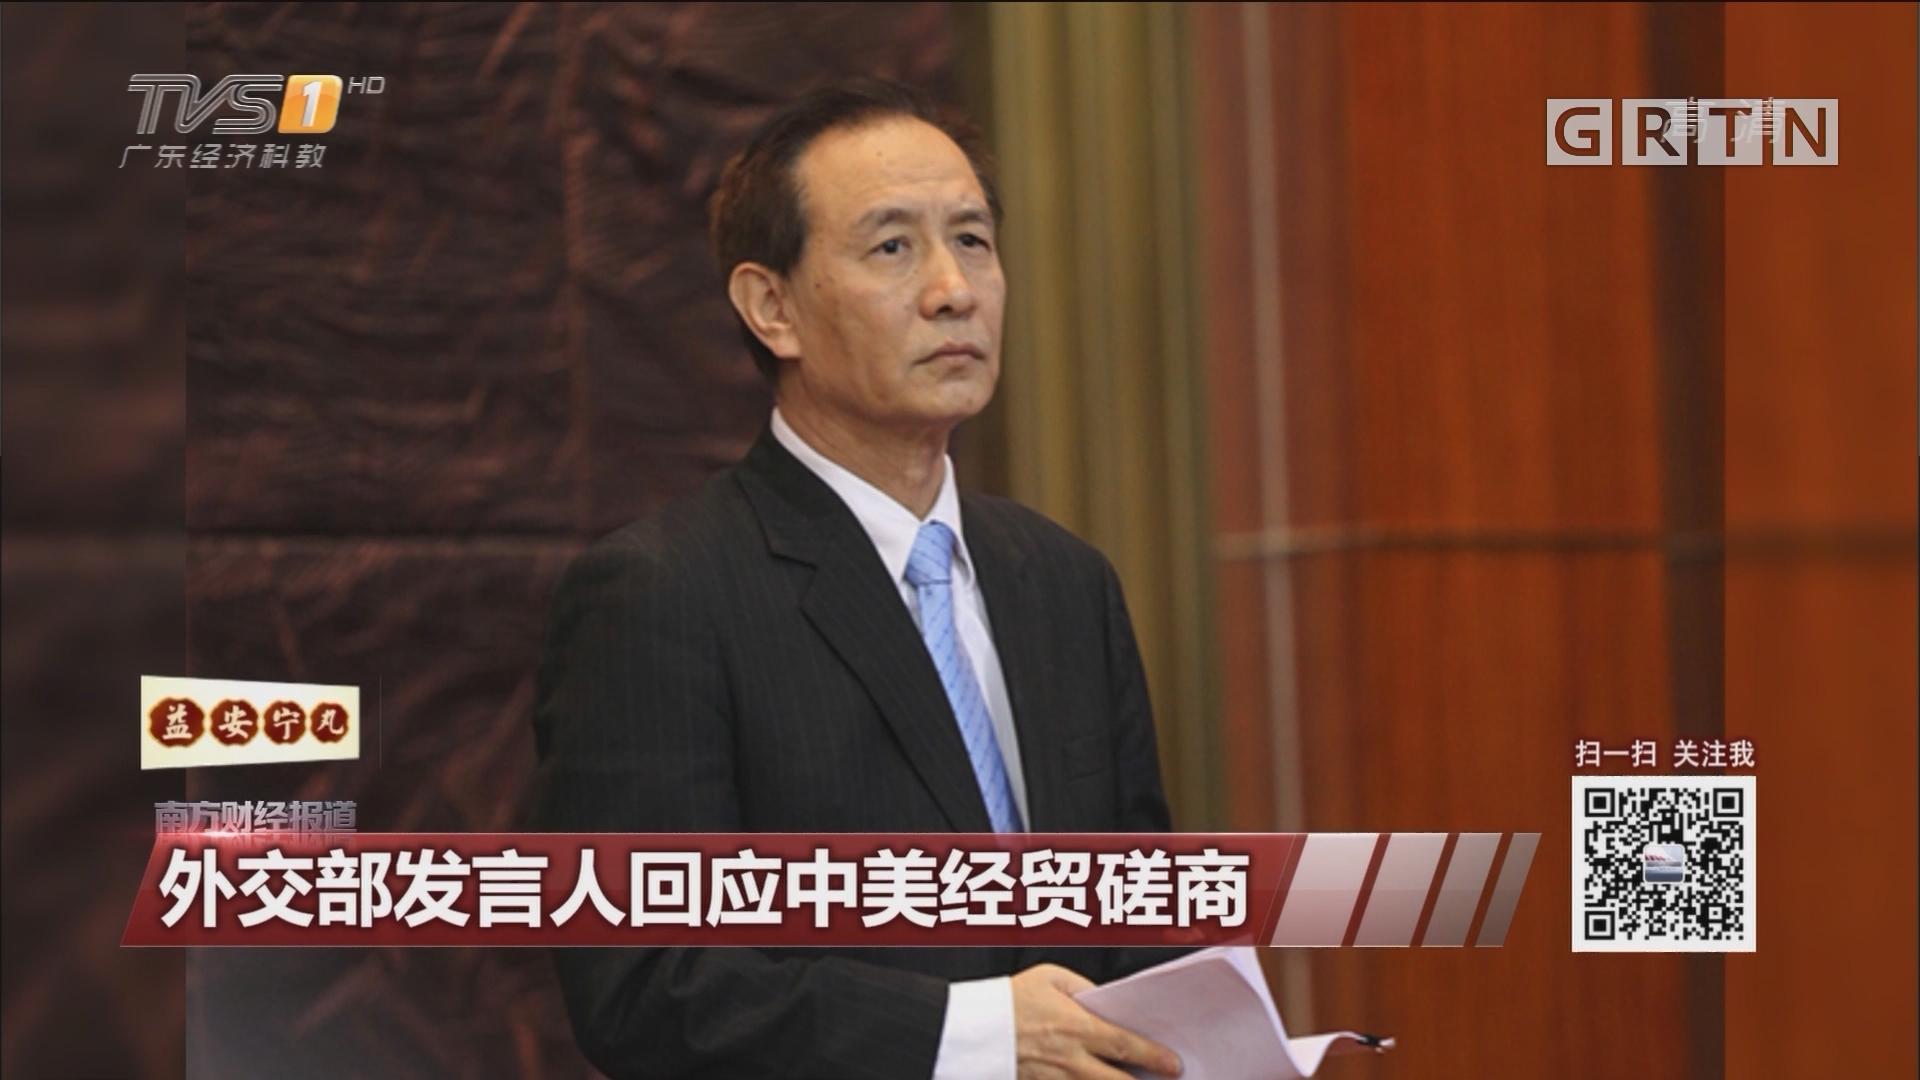 外交部发言人回应中美经贸磋商